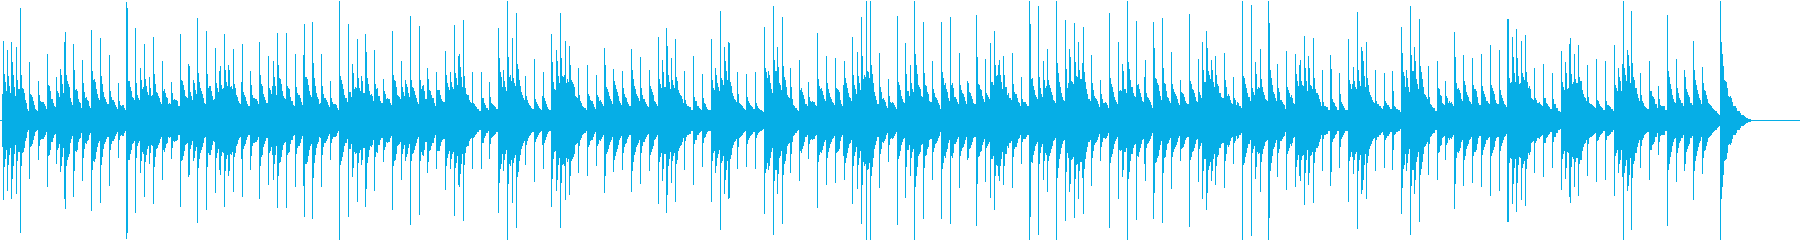 ノスタルジックで切ないオルゴールの再生済みの波形